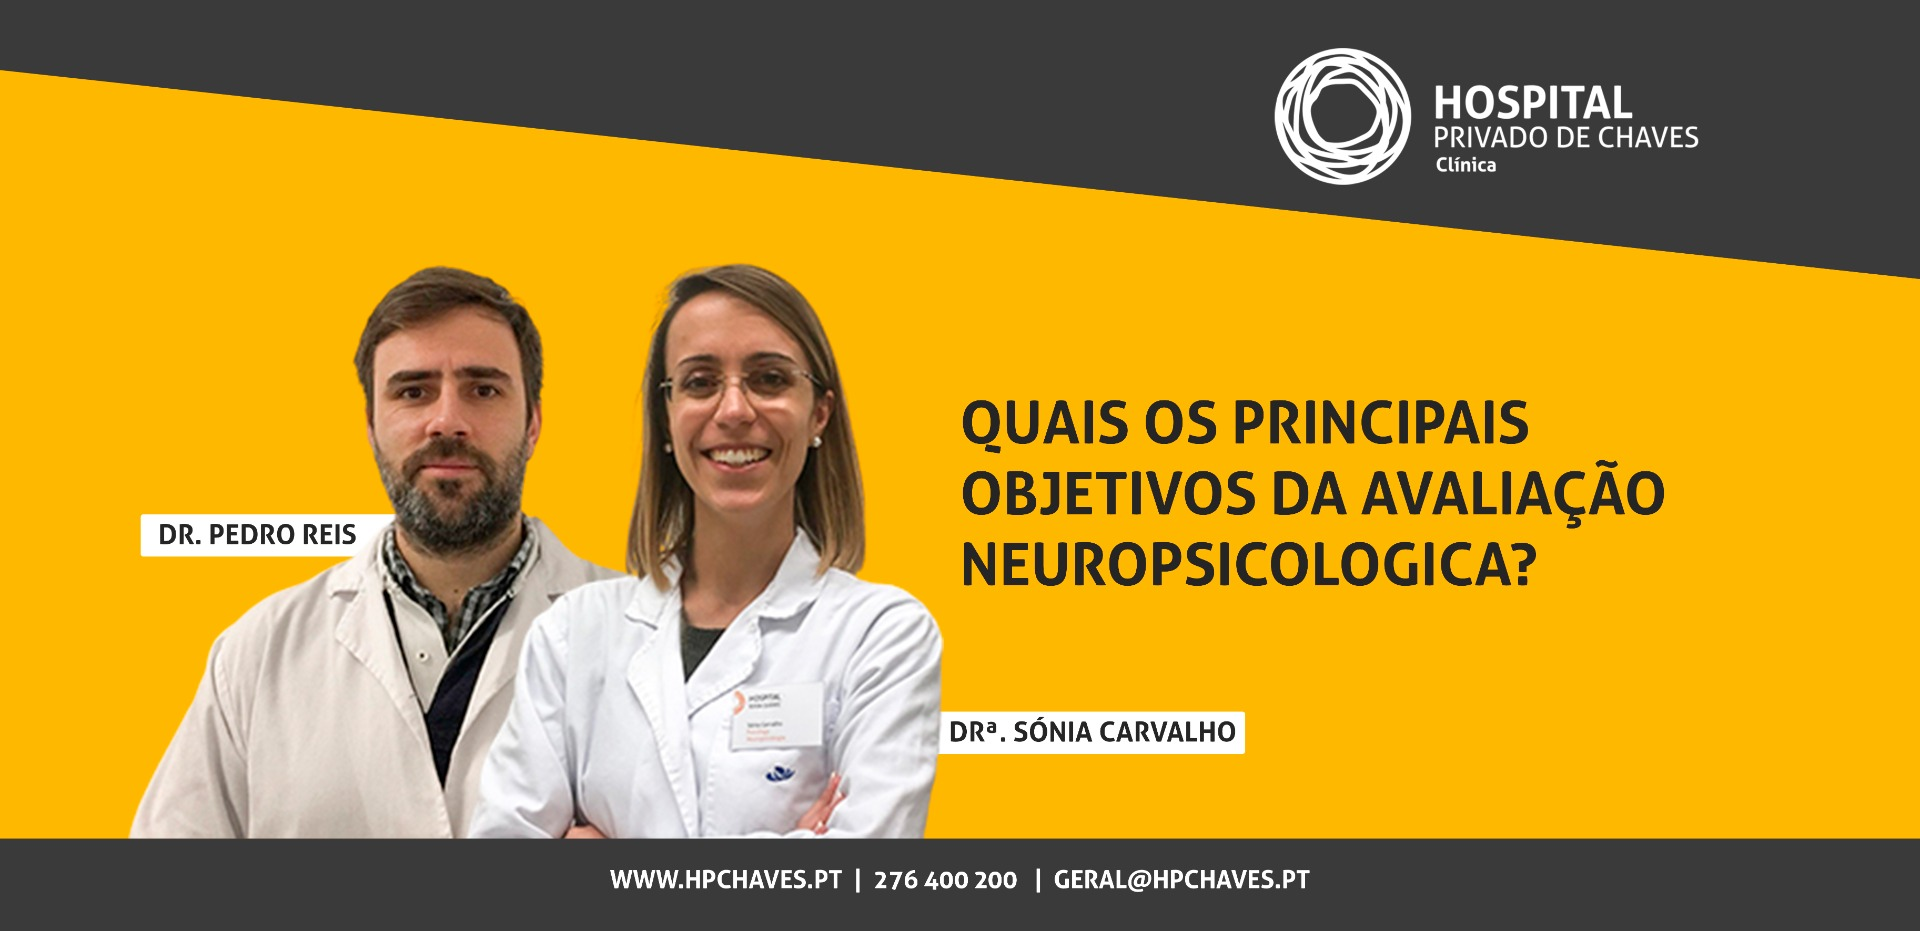 Avaliação Neuropsicológica e os seus objetivos